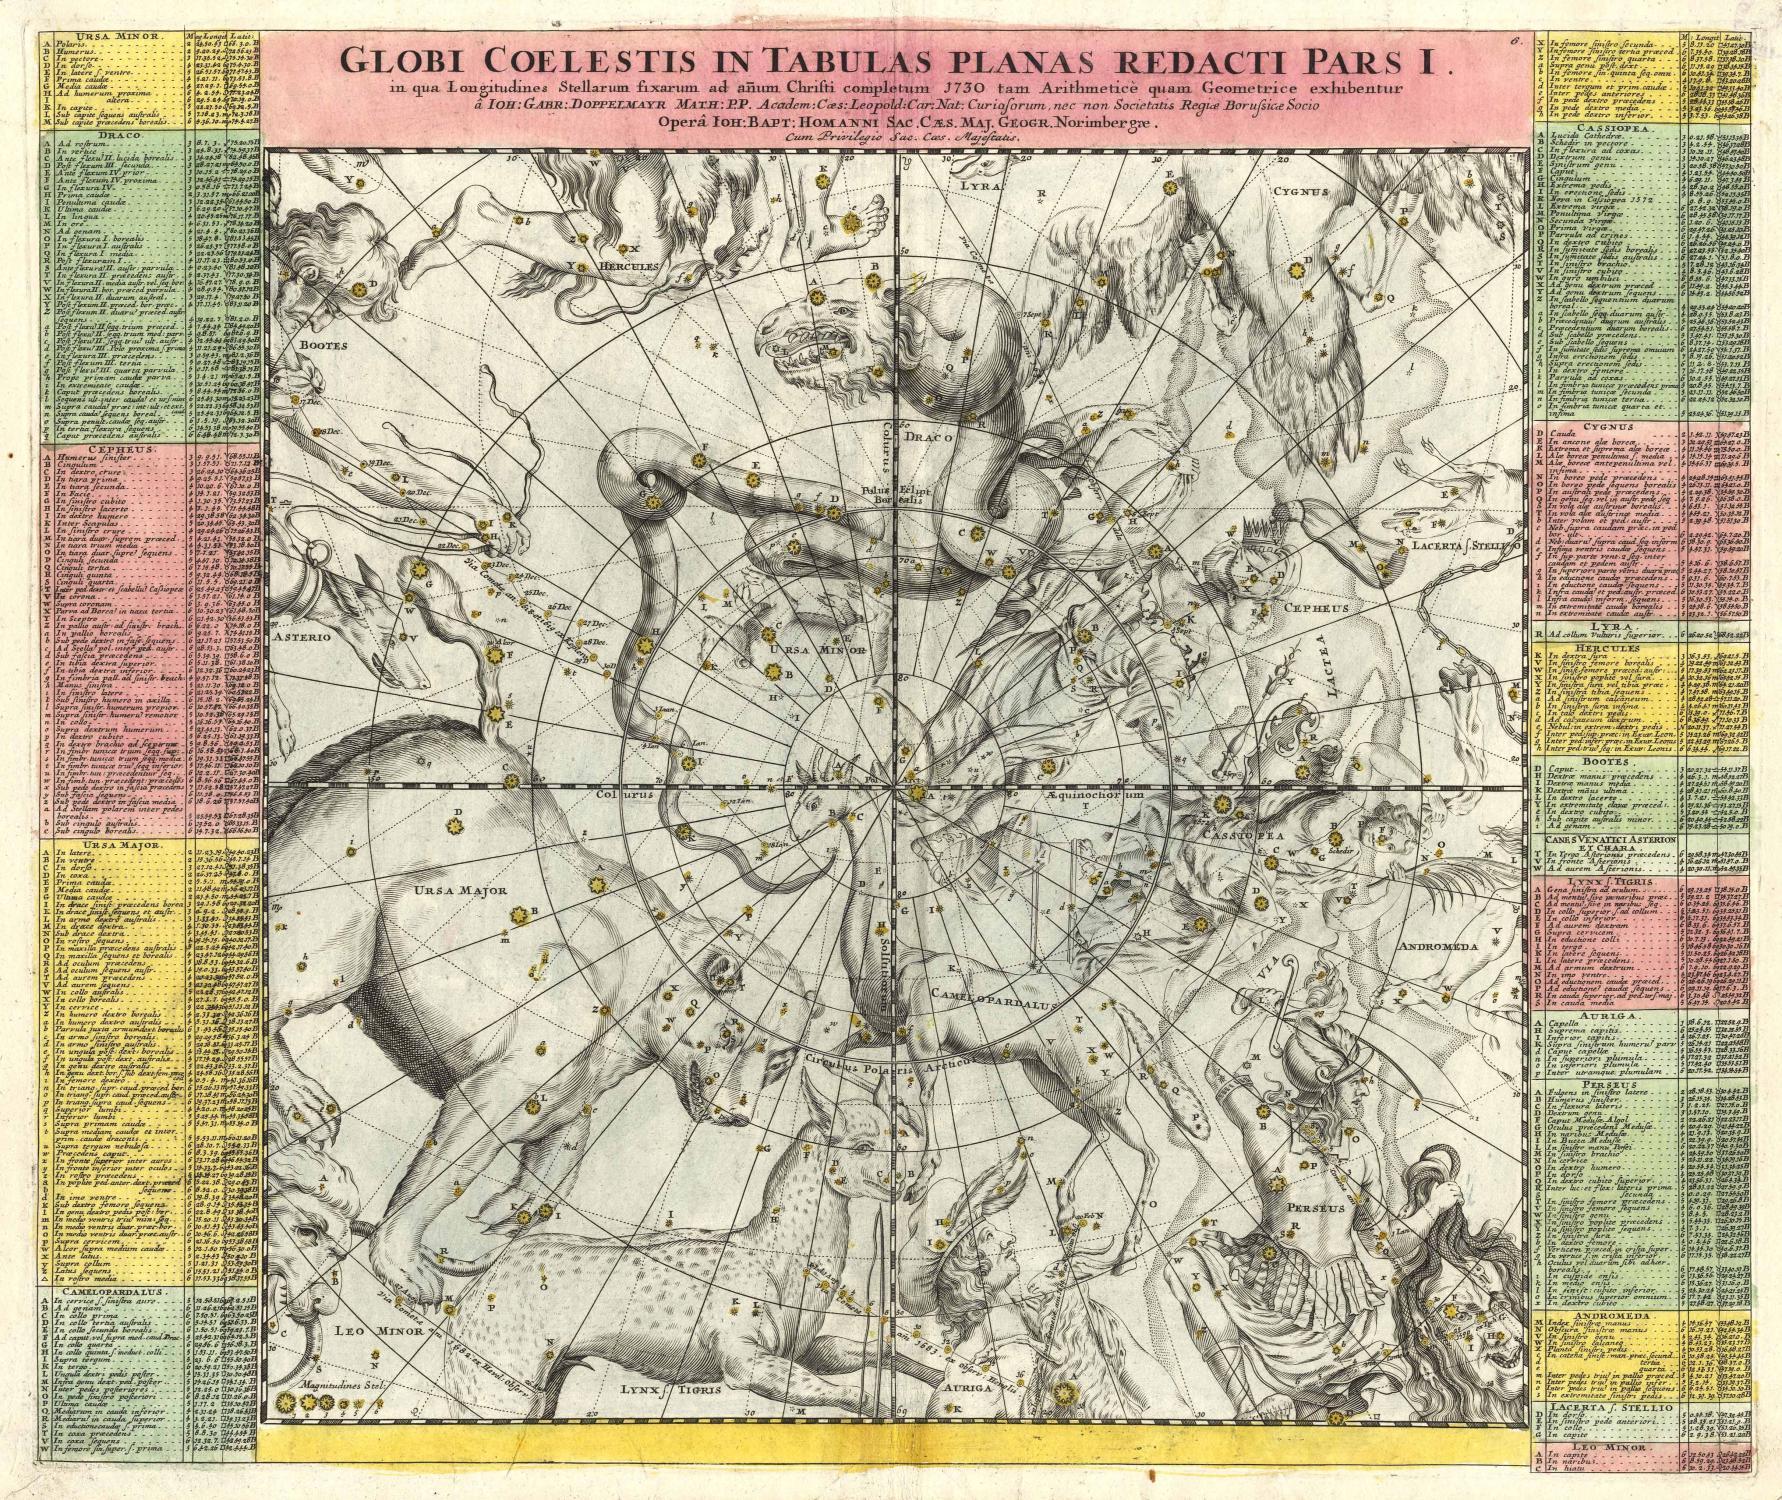 Globi Coelestis In Tabulas Planas Redacti Pars I. in qua Longitudines Stellarum fixarum ad anum Christi completum 1730 tam Arthmeticè quam Geometrice exhibentur